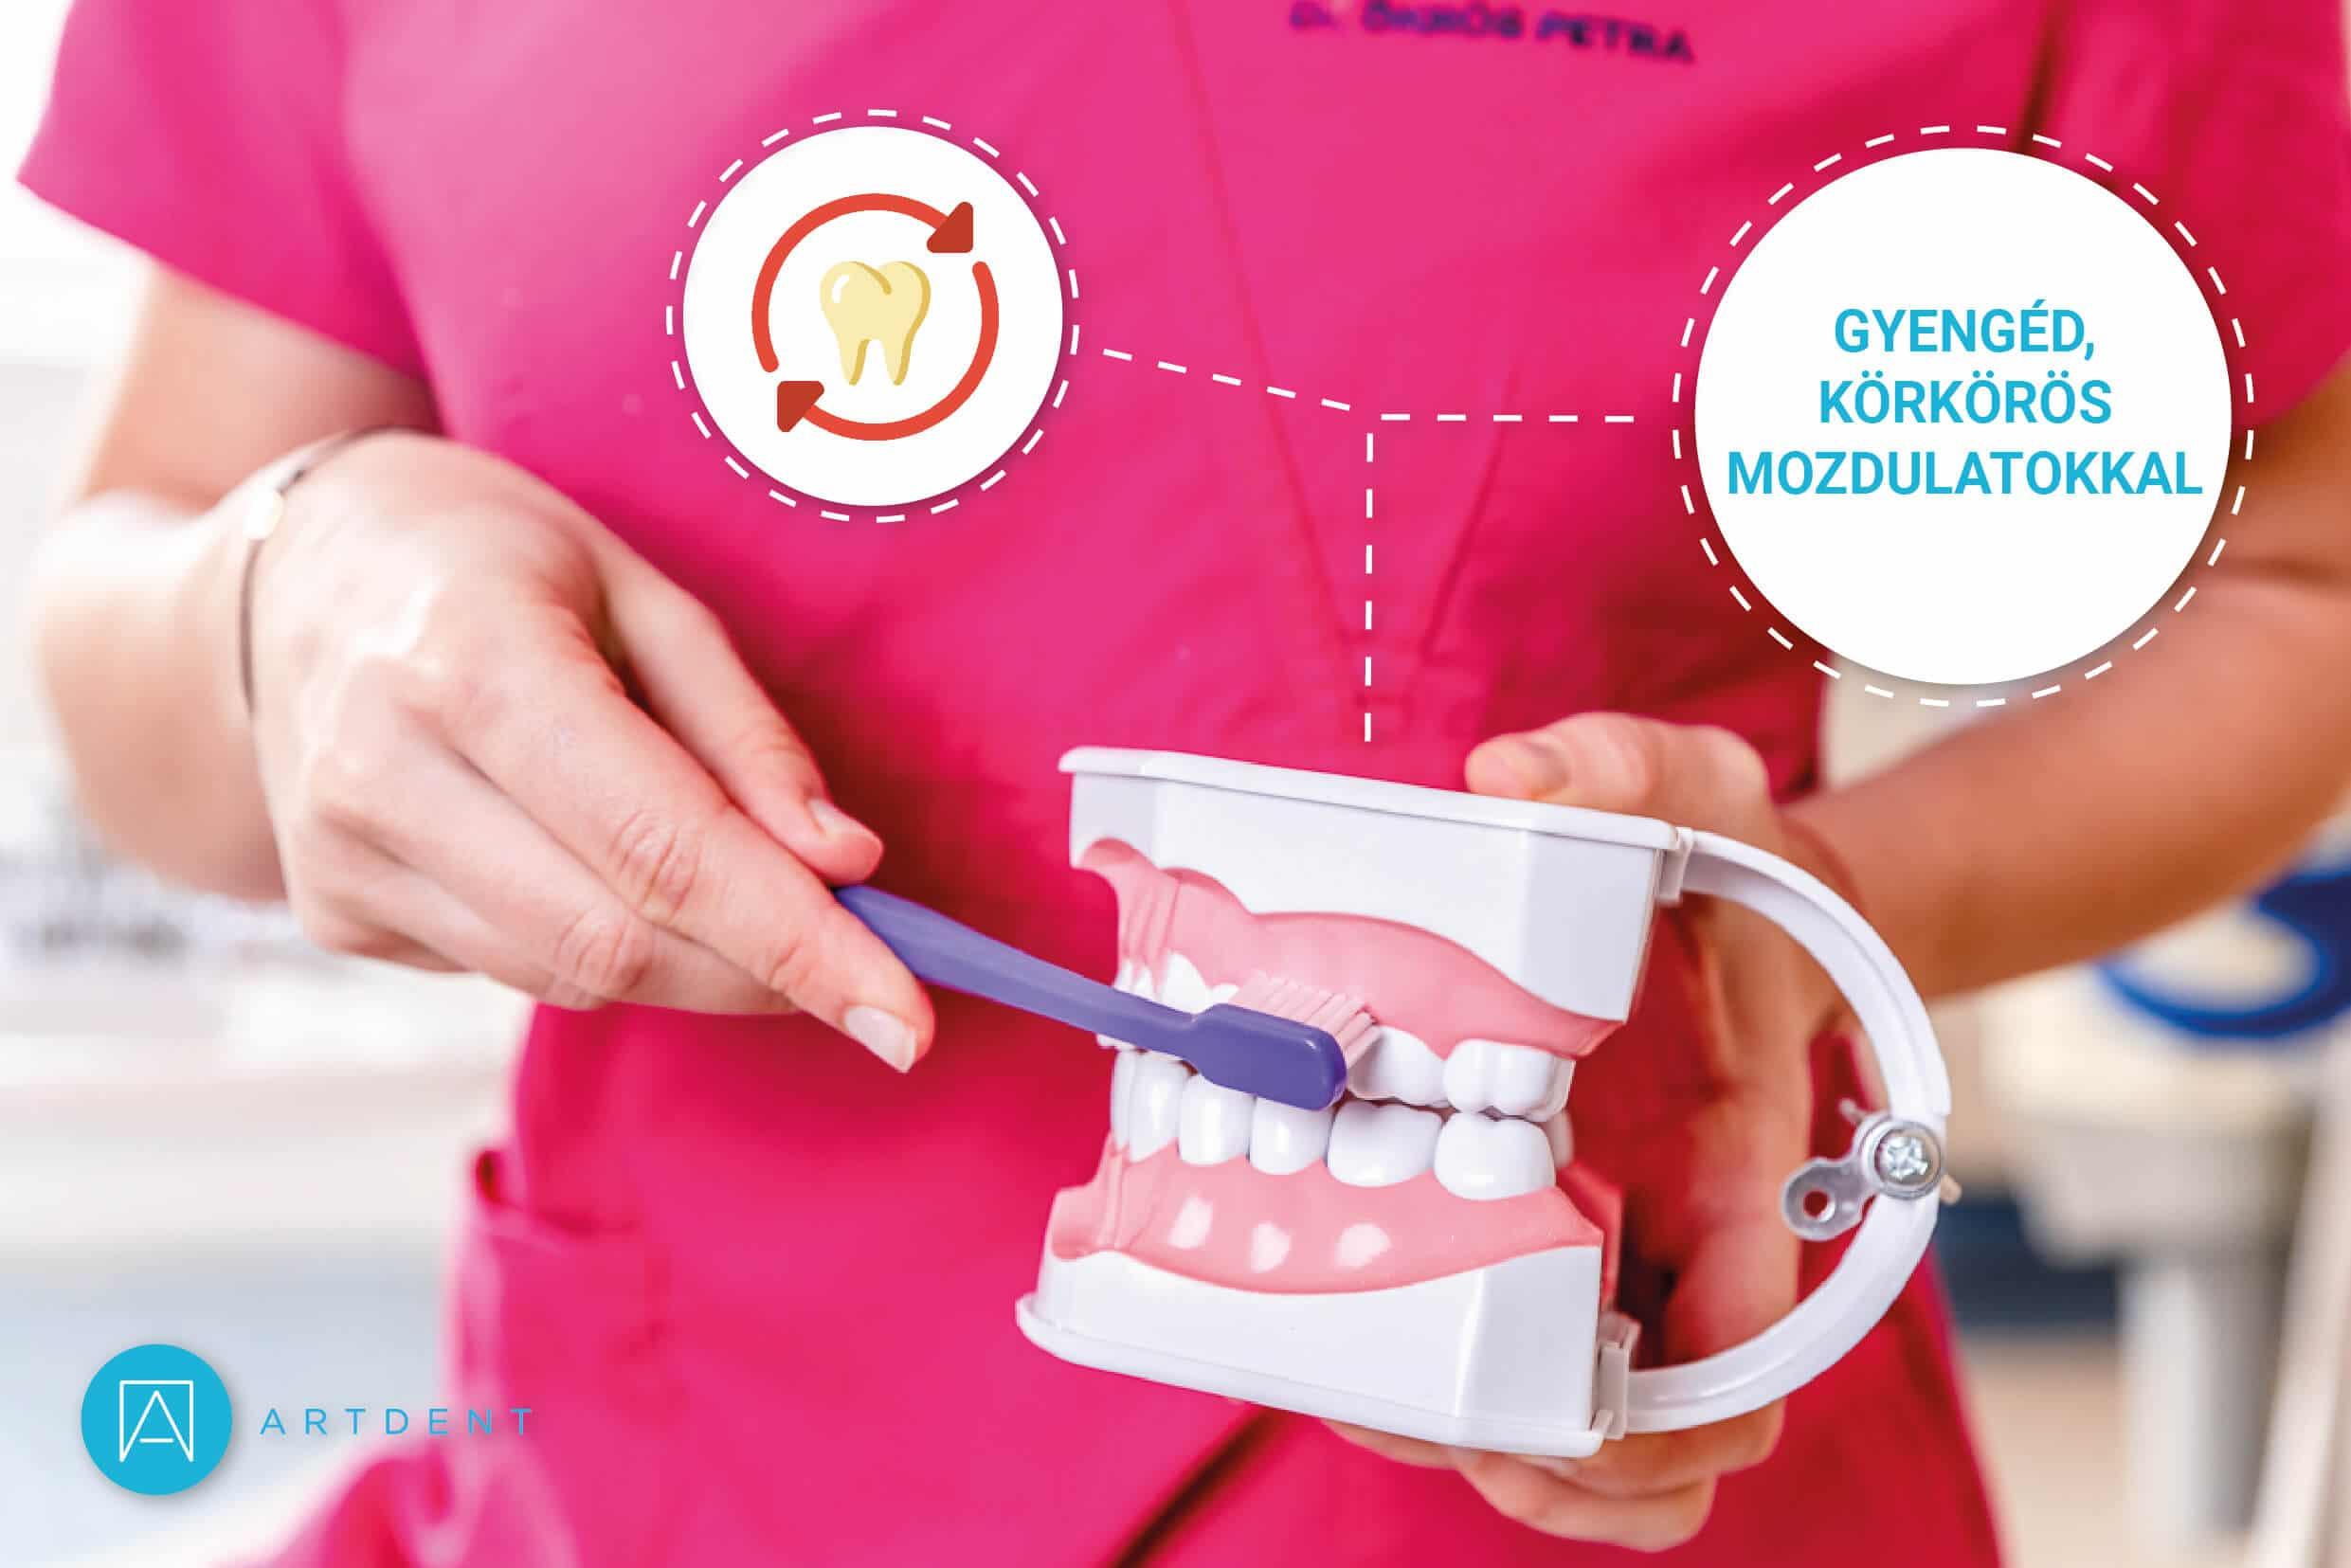 Dr. Ökrös Petra mutatja, hogy apró, körkörös mozdulattal mossunk fogat.